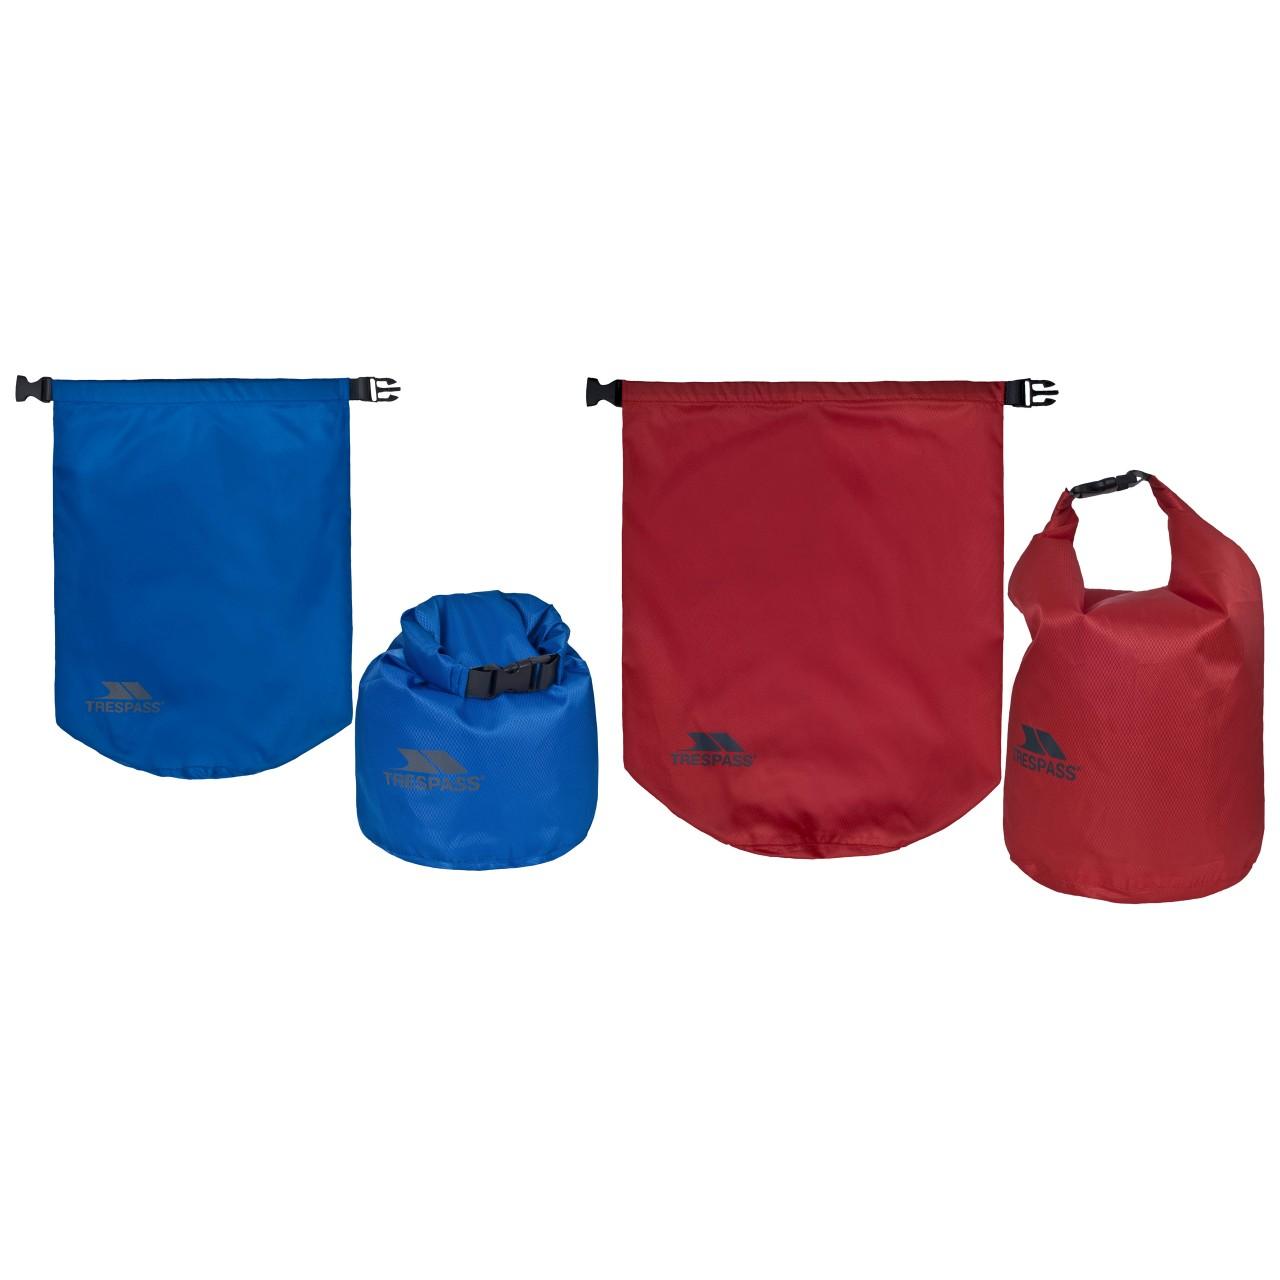 Trespass 2 Pack Dry Bags - Go Bag Item